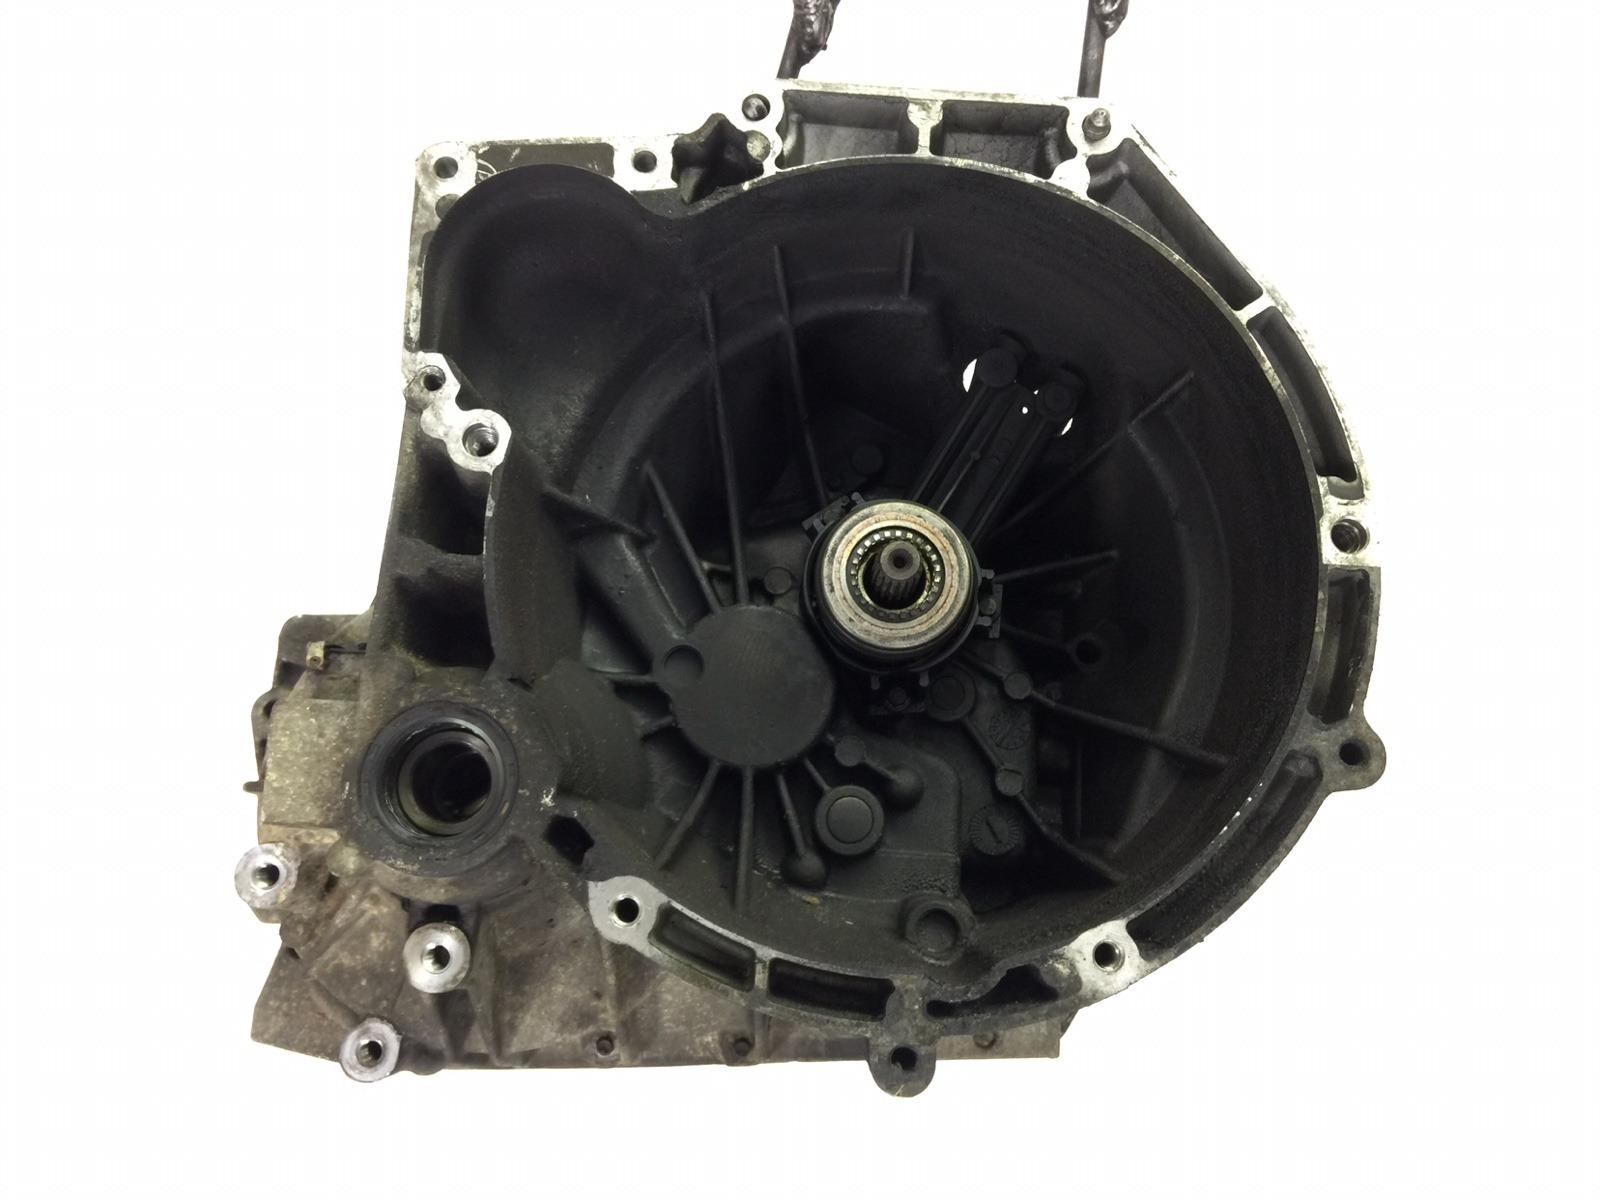 Кпп механическая (мкпп) Ford Fusion 1.4 TDCI 2005 (б/у)